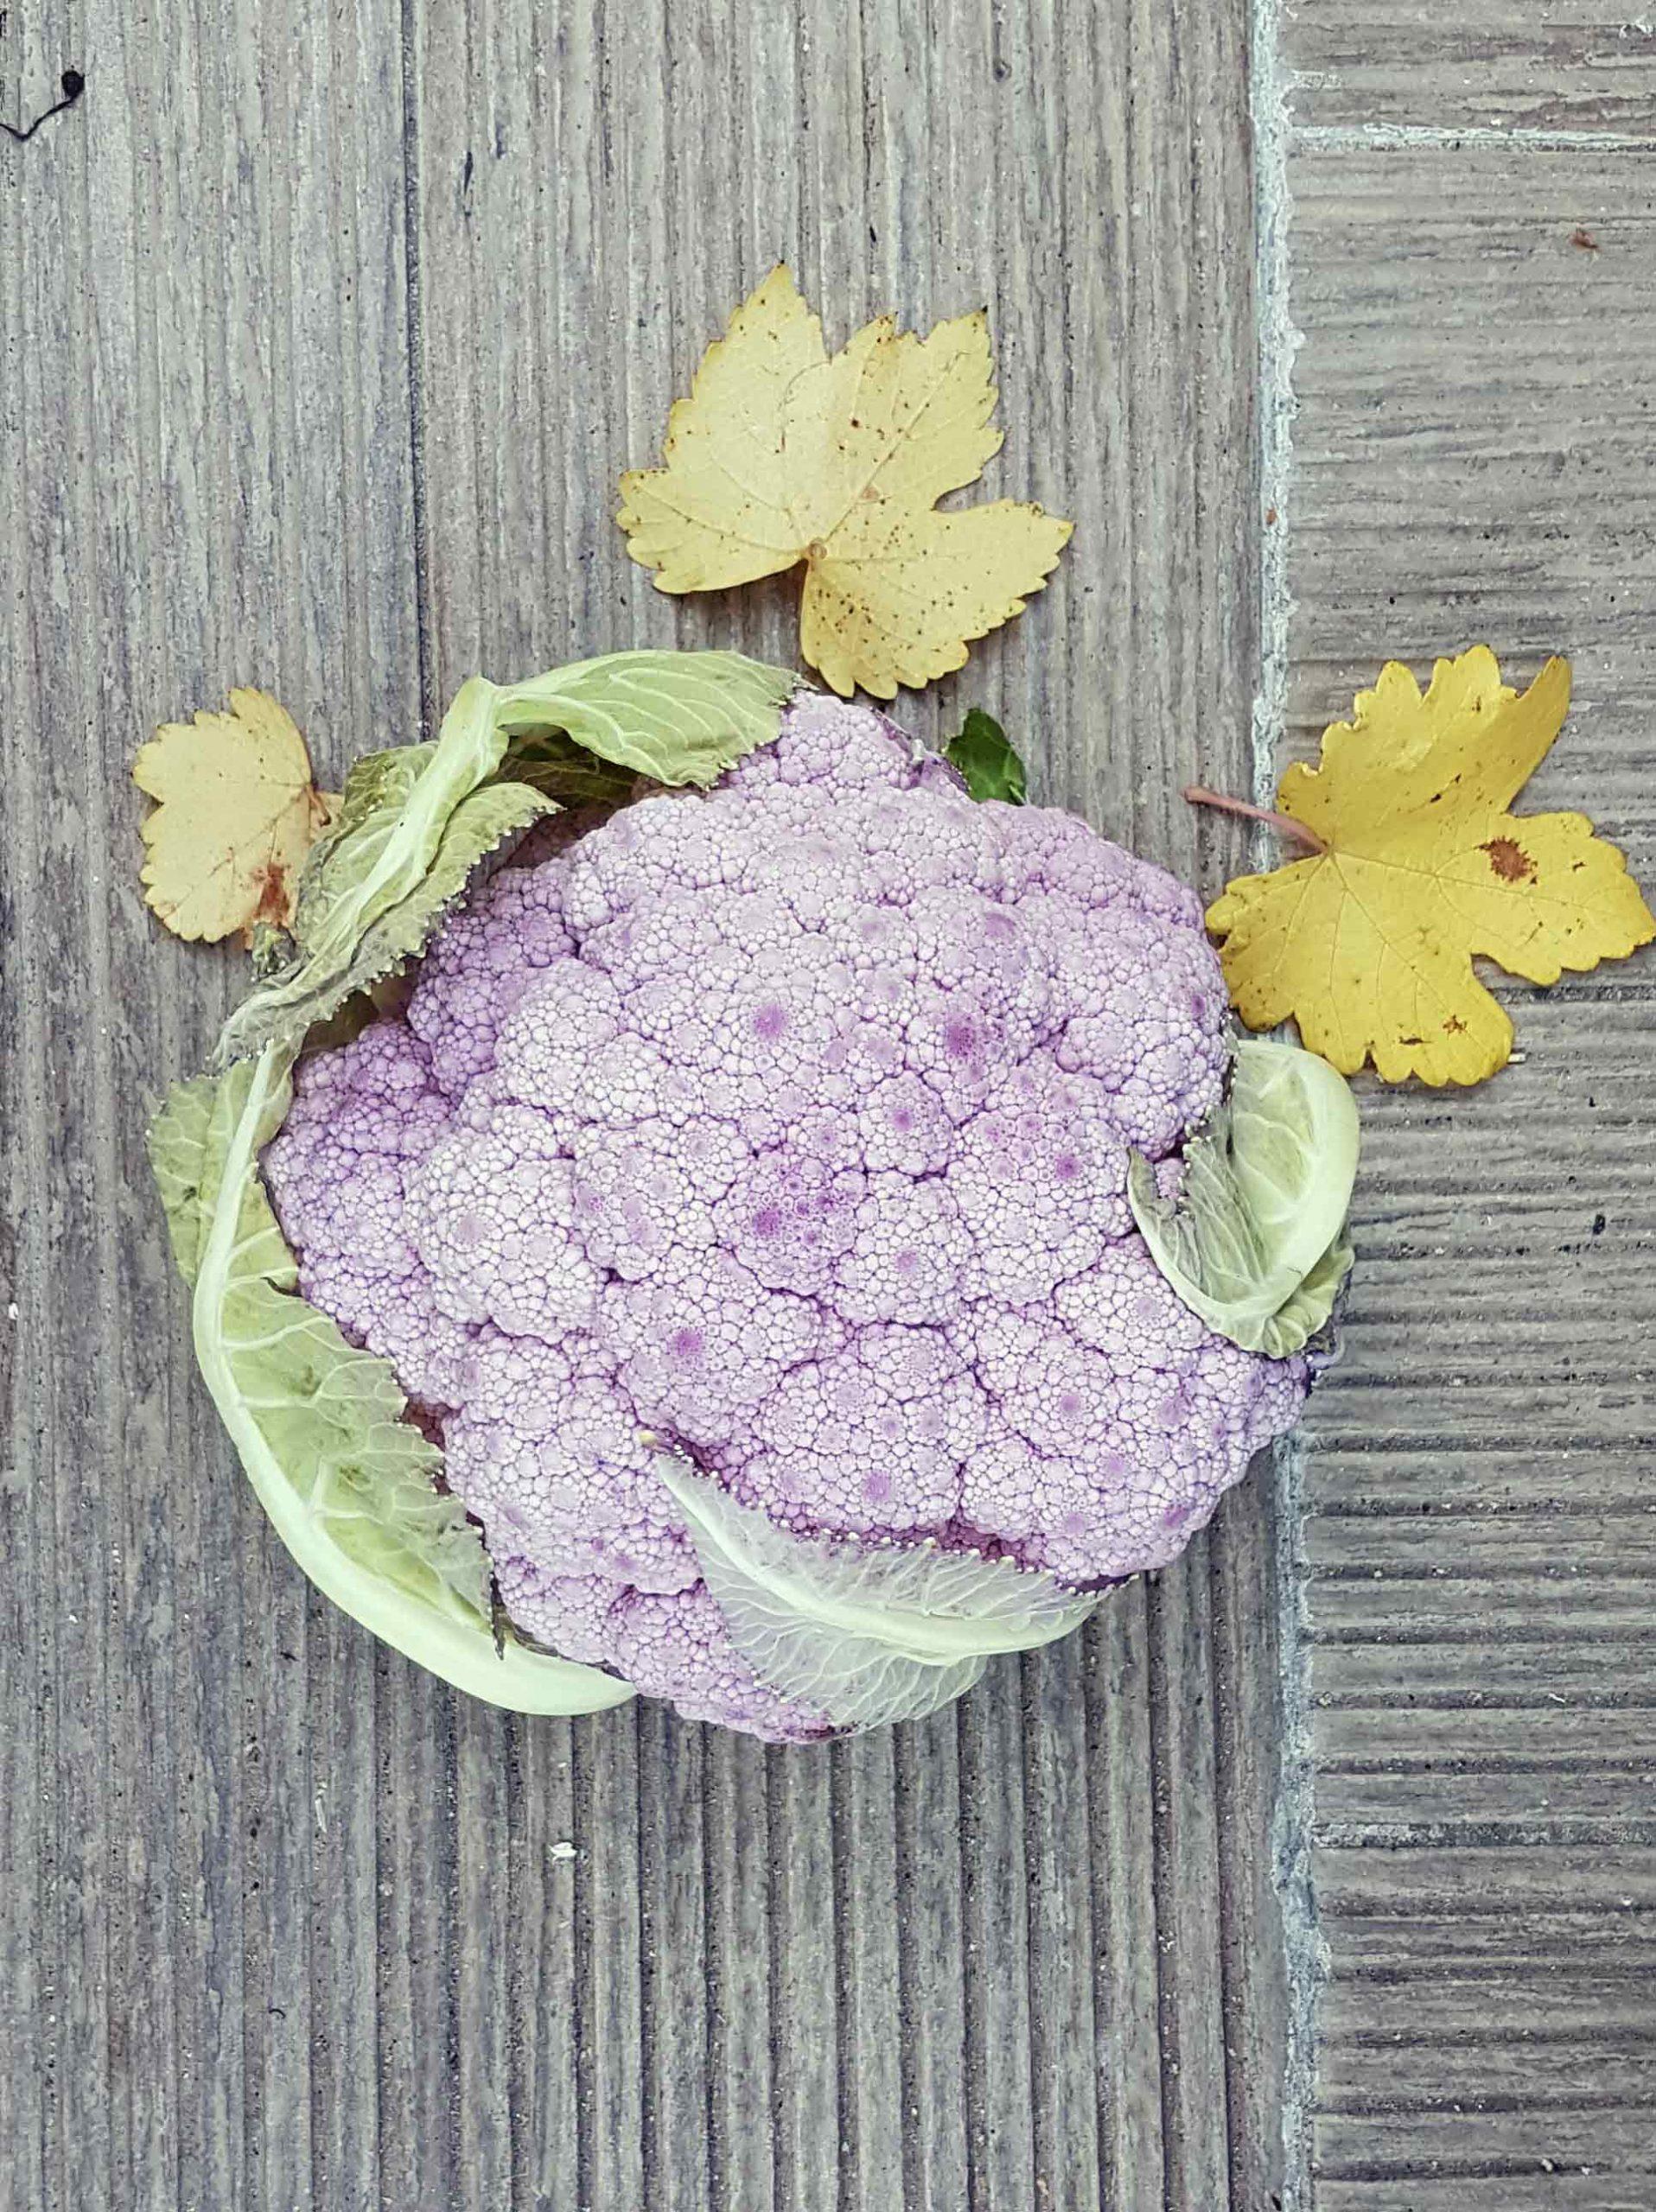 cavolfiore-viola